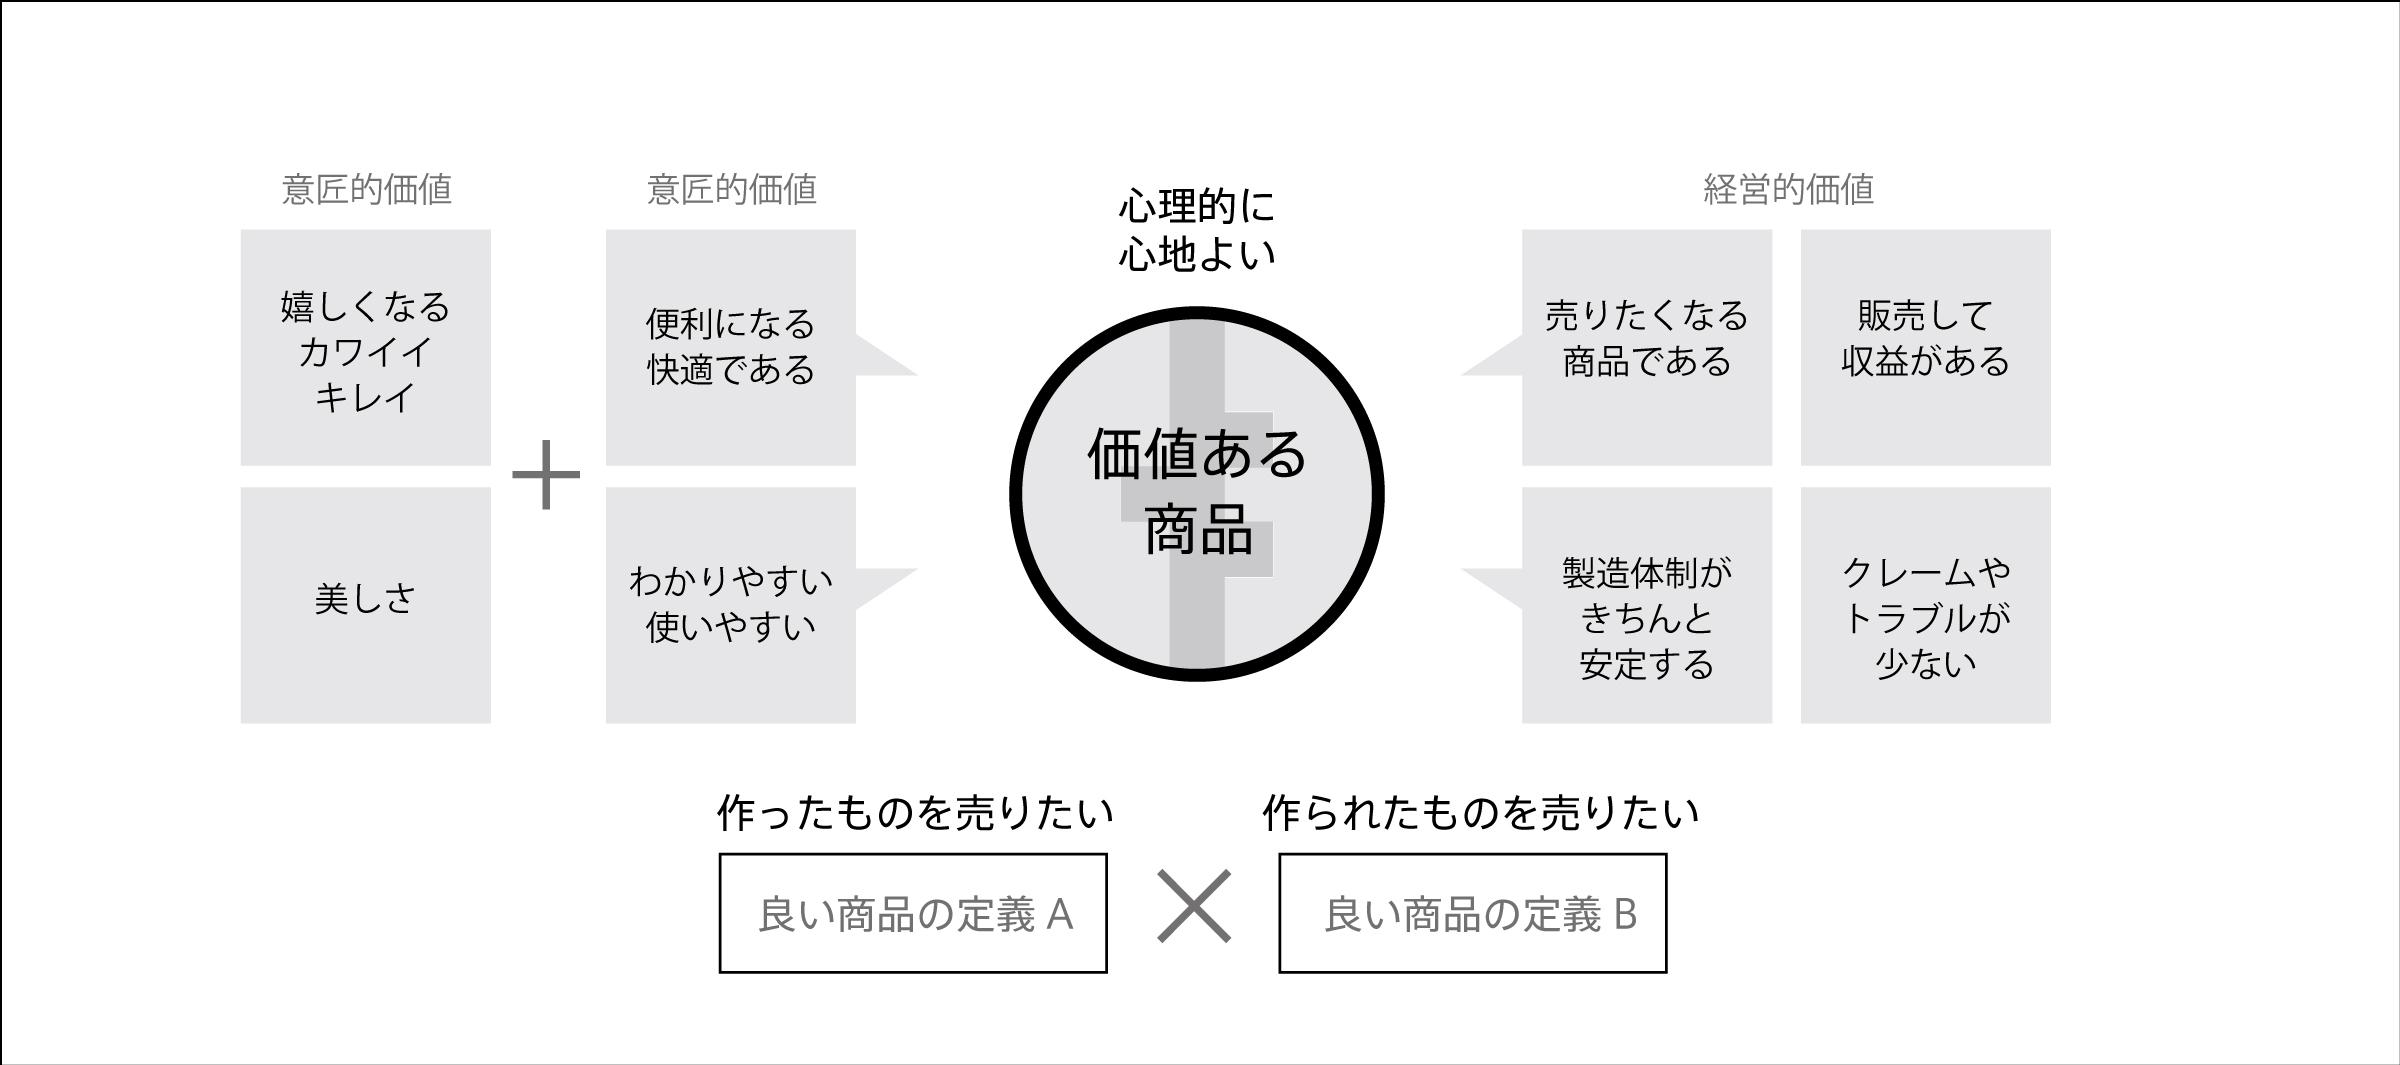 ふるさとグローバルプロデューサー応募用紙02